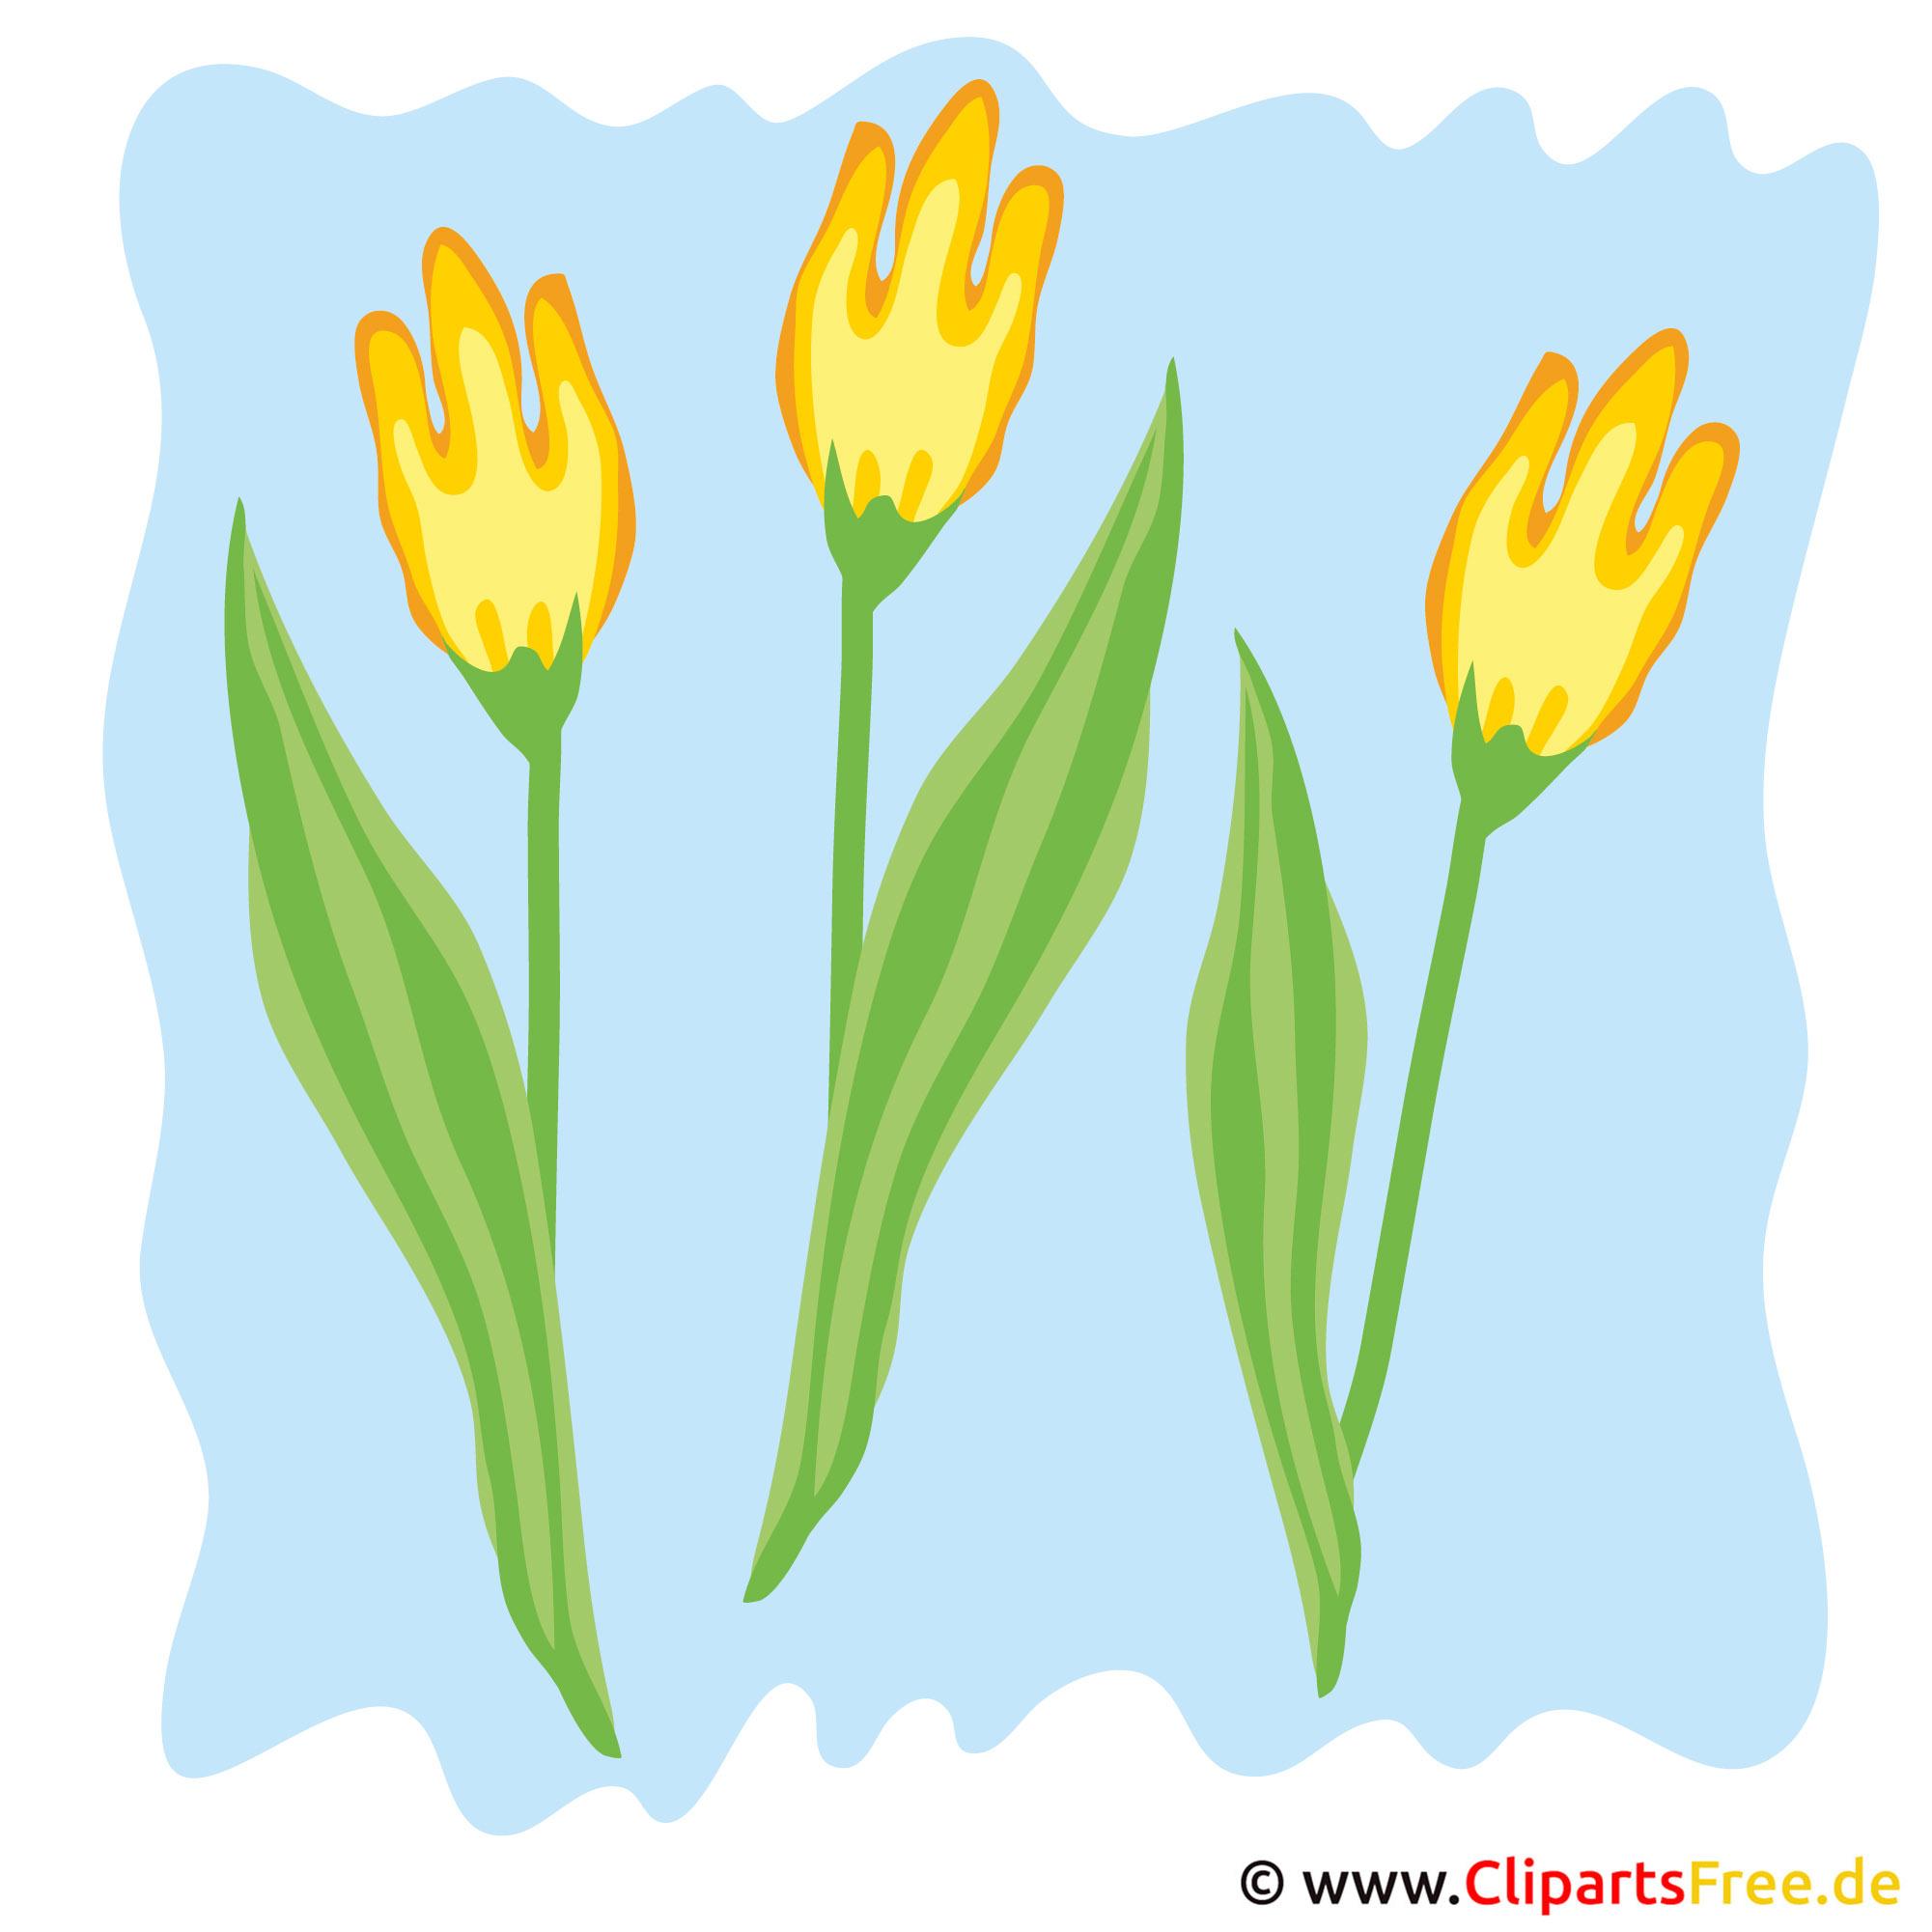 Tulpen Bild - Frühling Cliparts kostenlos